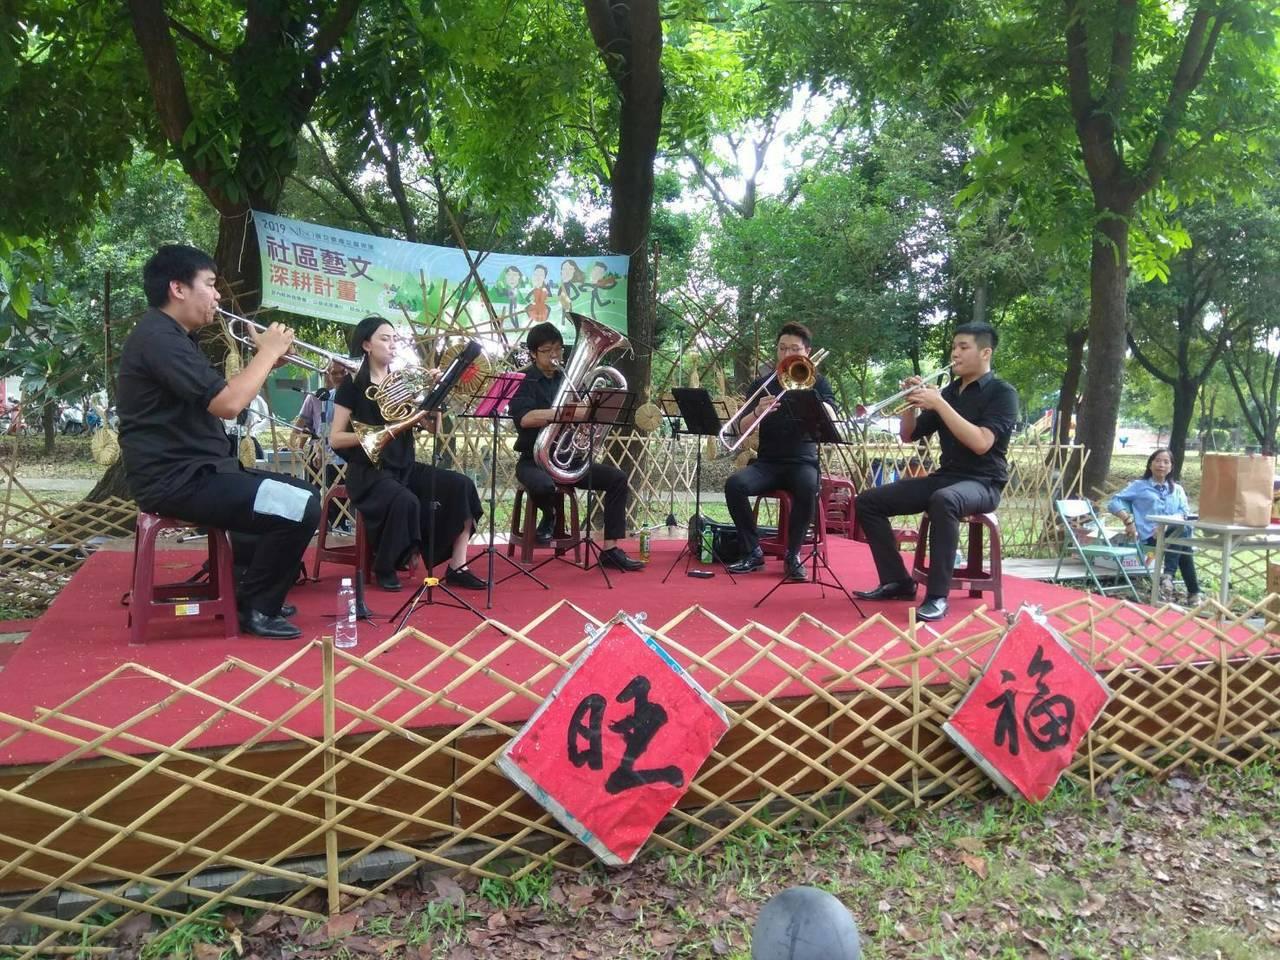 國立台灣交響樂團的克羅采交響管樂團演出。圖/翁坤明提供